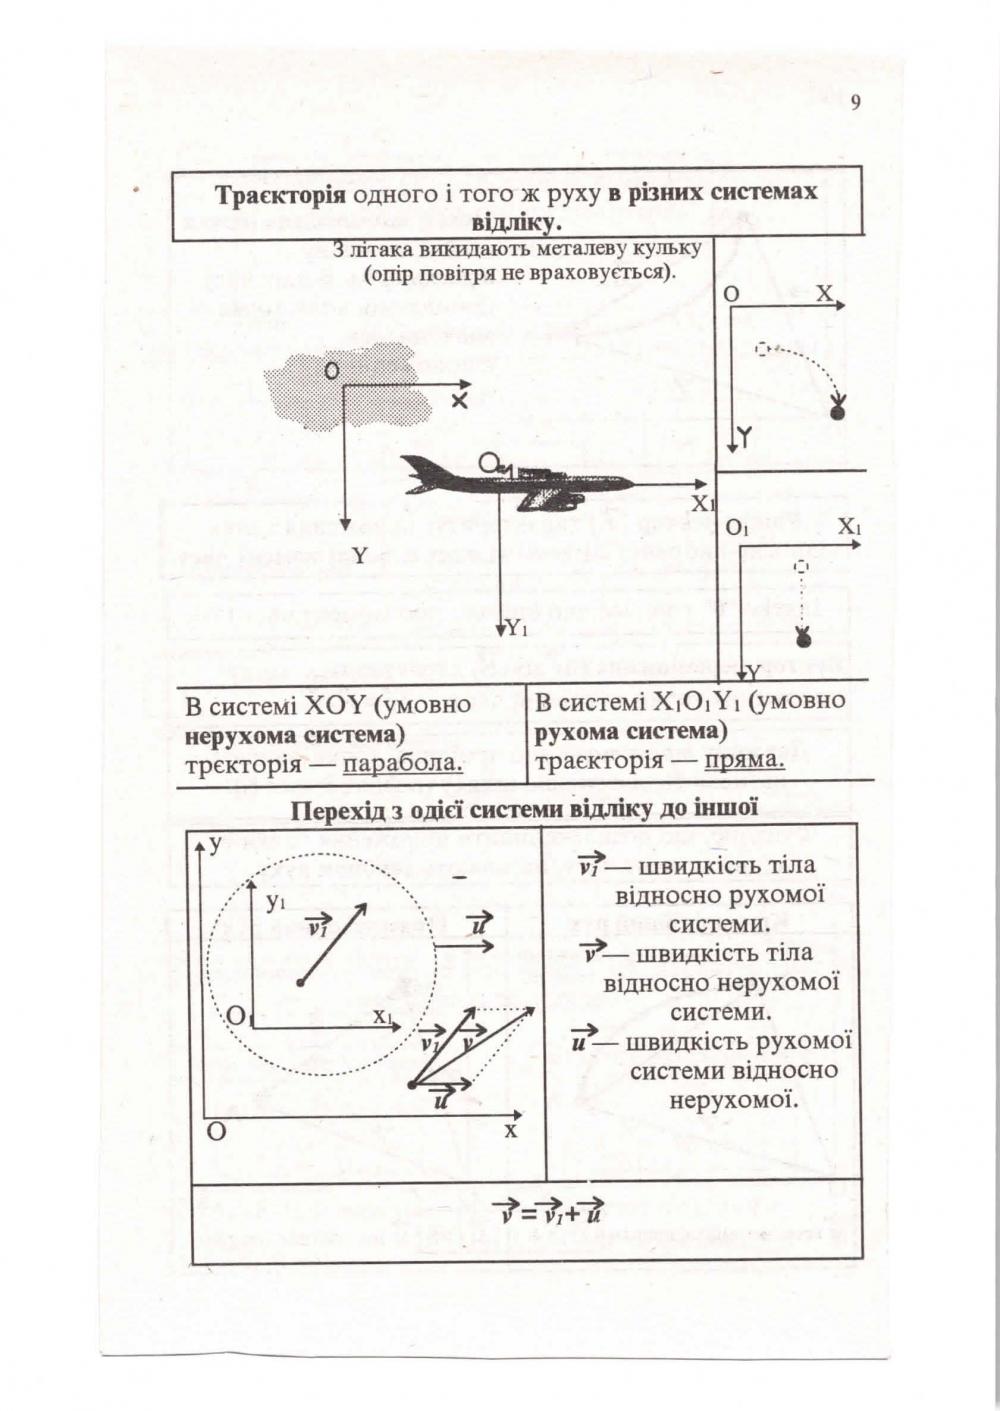 Фізика в таблицях і схемах : Почтаренко Г. Логос. купити 10